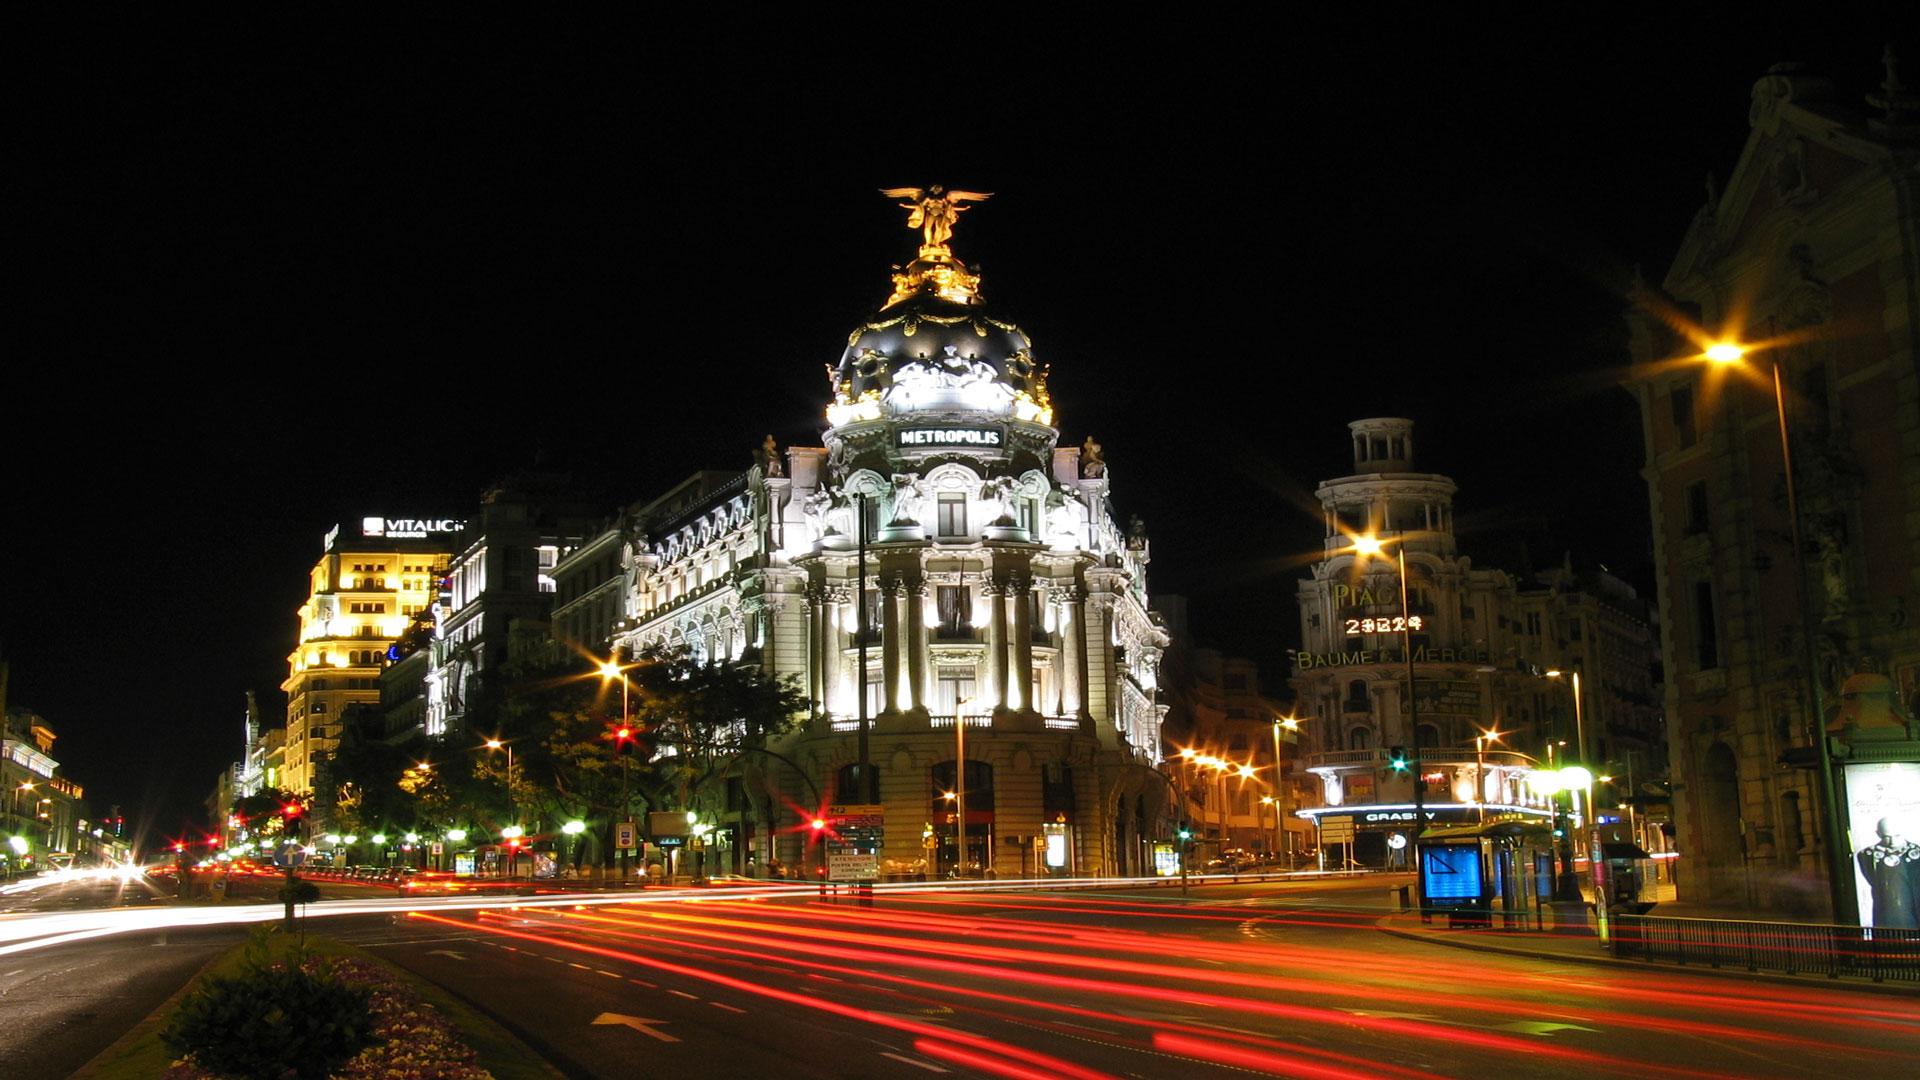 Ciudades-españolas-que-consumen-más-luz-1920